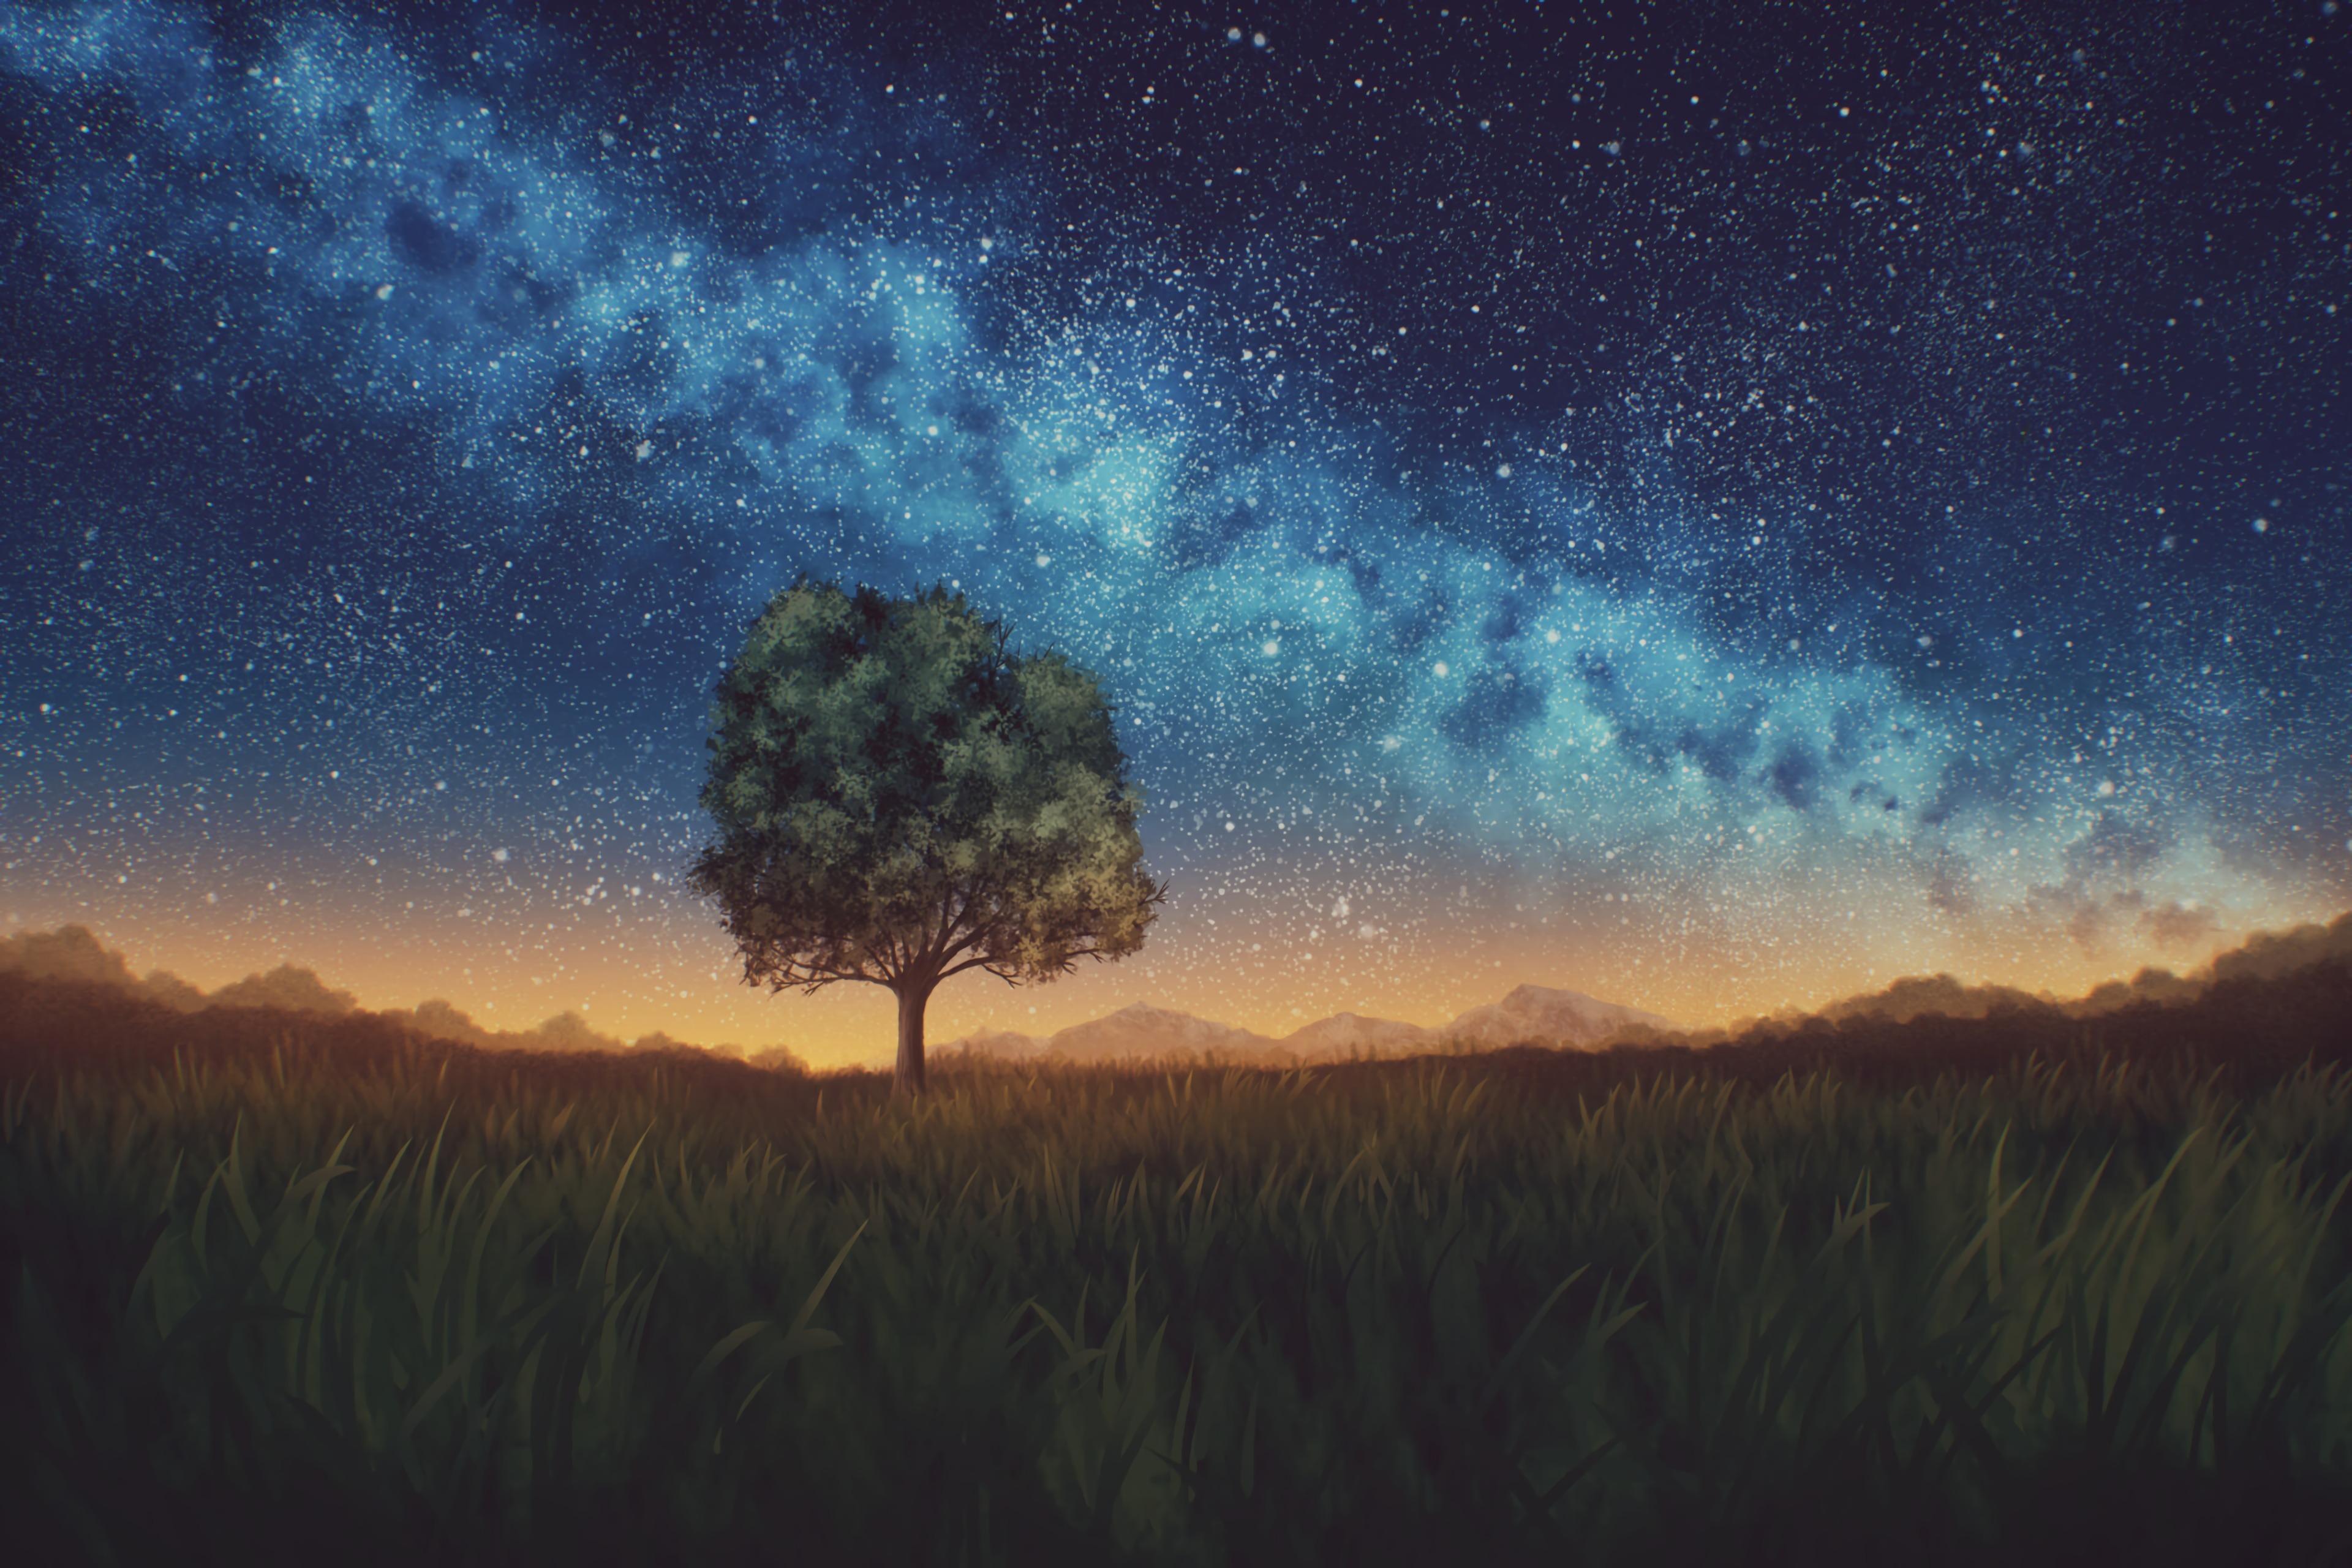 98613 Заставки и Обои Ночь на телефон. Скачать Ночь, Природа, Дерево, Темный, Звездное Небо, Лужайка картинки бесплатно